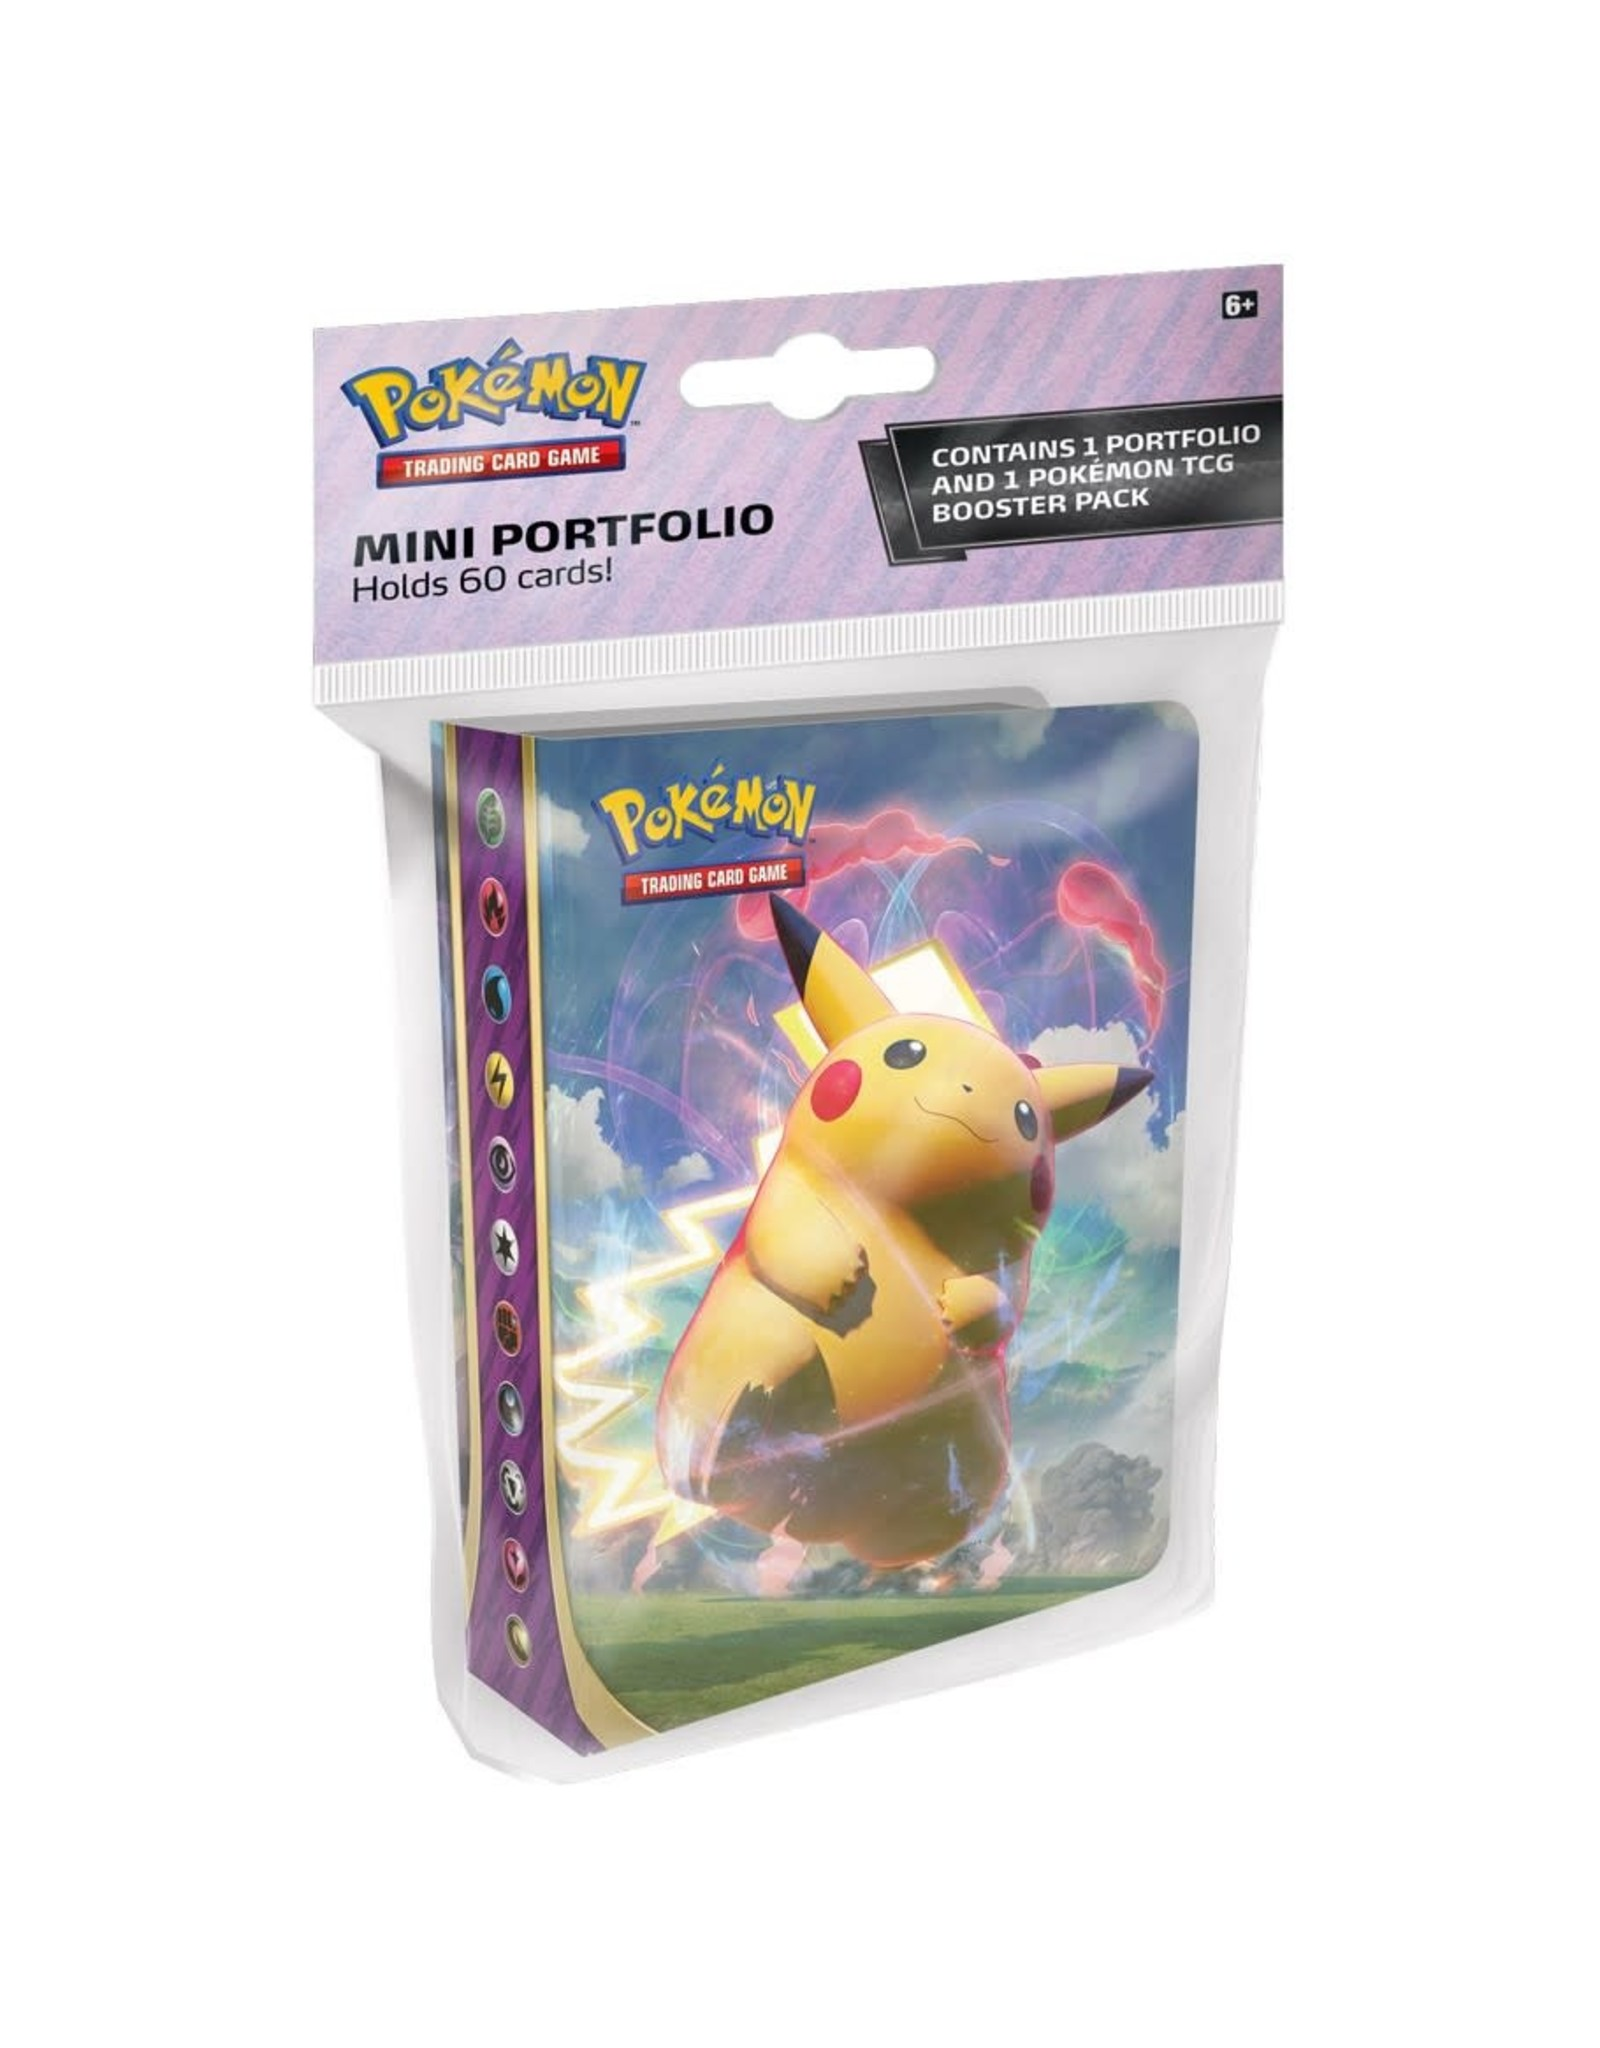 Pokemon Company PREORDER: Mini Portfolio Vivid Voltage - Pokemon: Sword and Shield